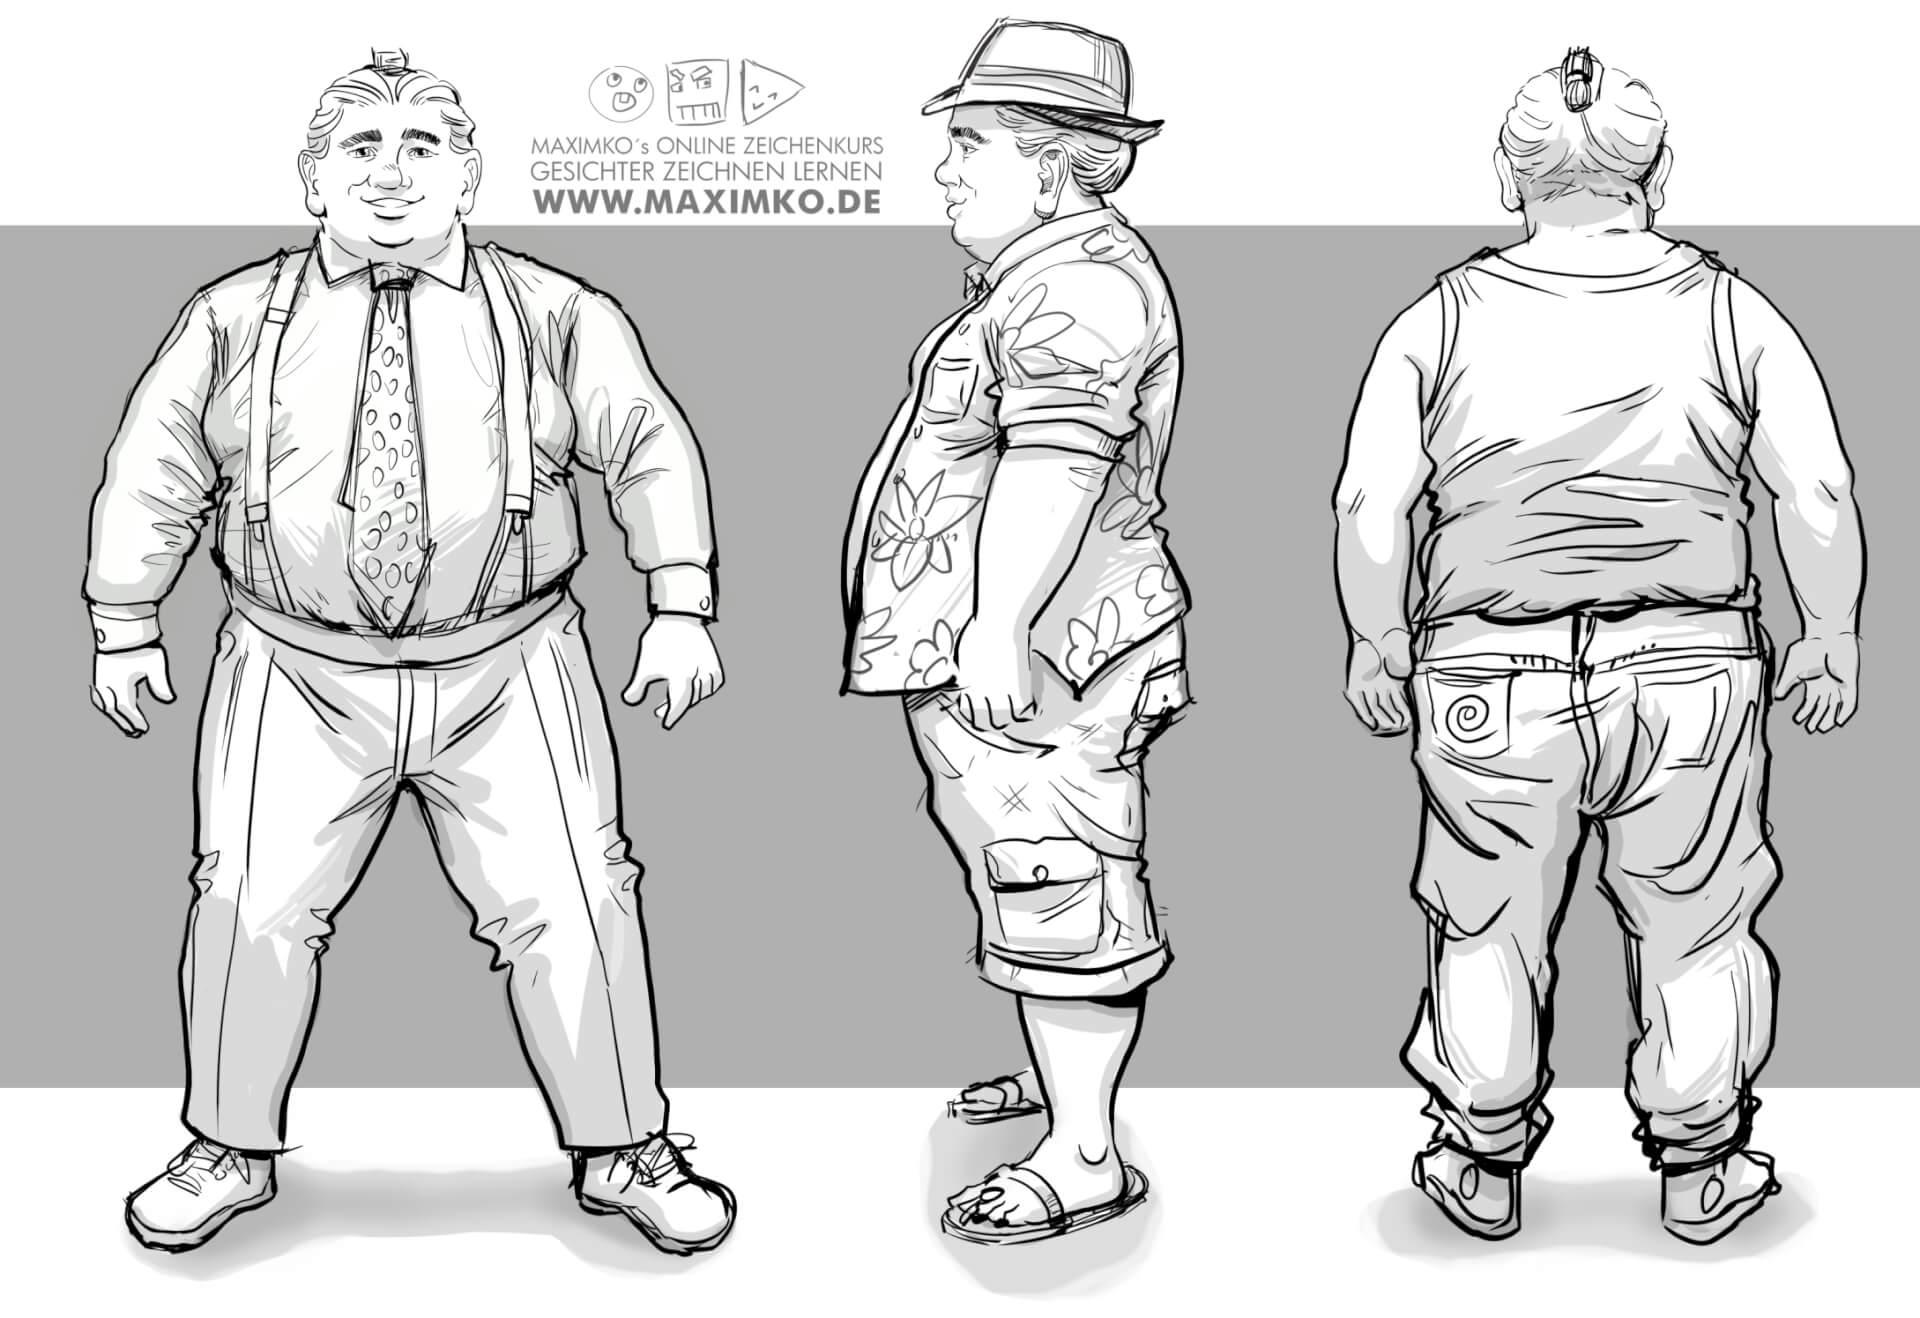 körper zeichnen lernen dicker kerl mann hut manga comic concept art anzug hawaii hemd tutorial faltenwurf maxim simonenko